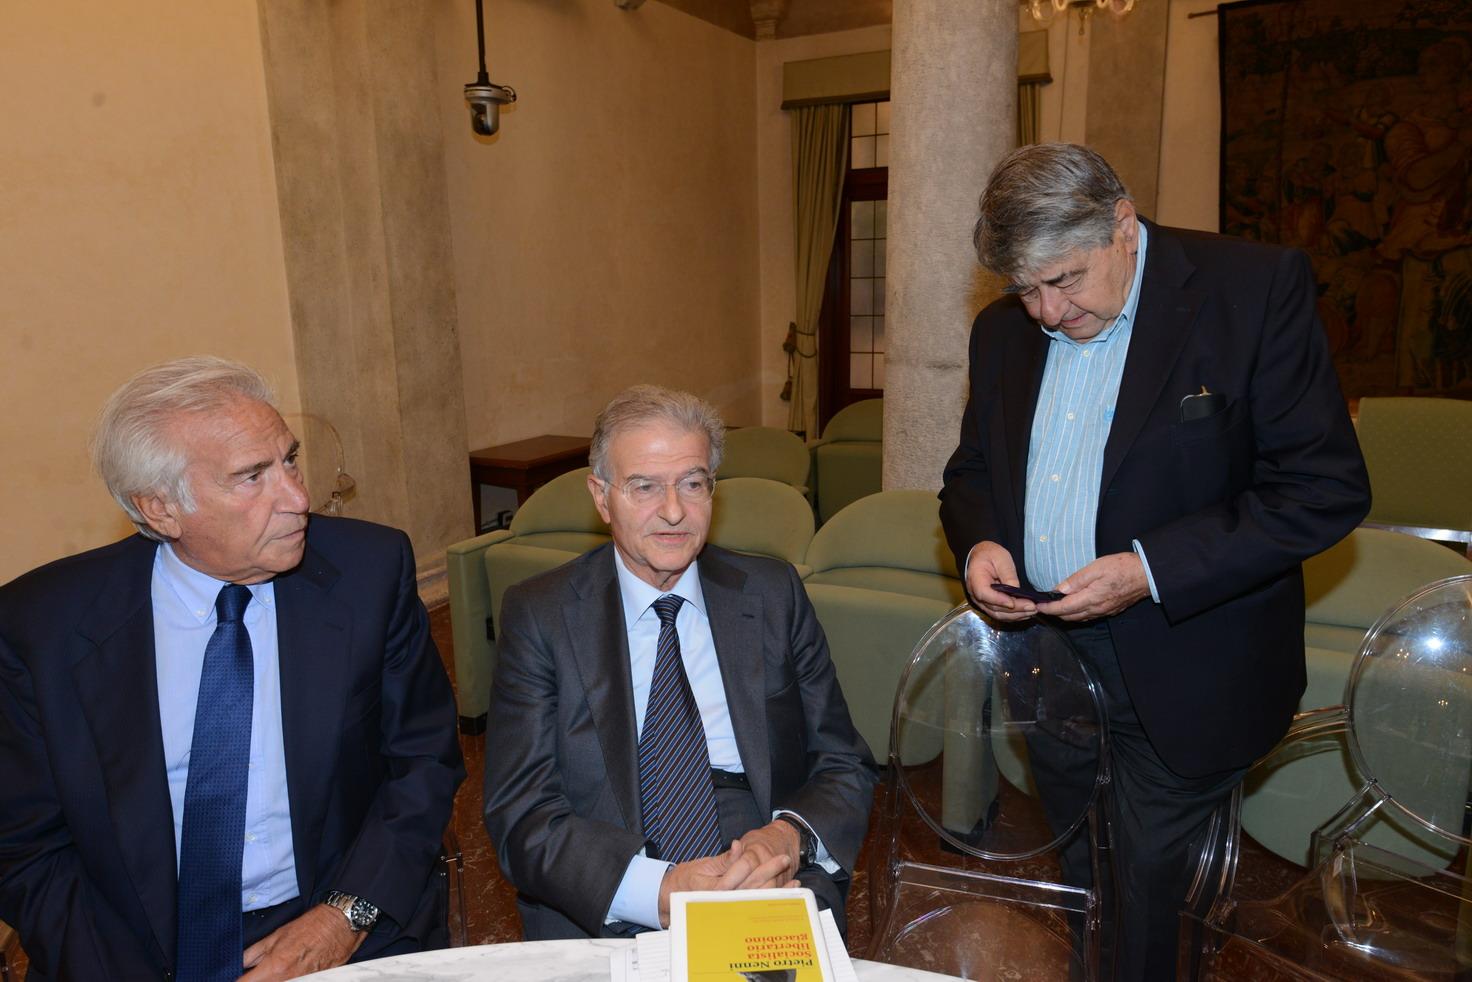 Claudio Signorile Fabrizio Cicchitto Luigi Covatta